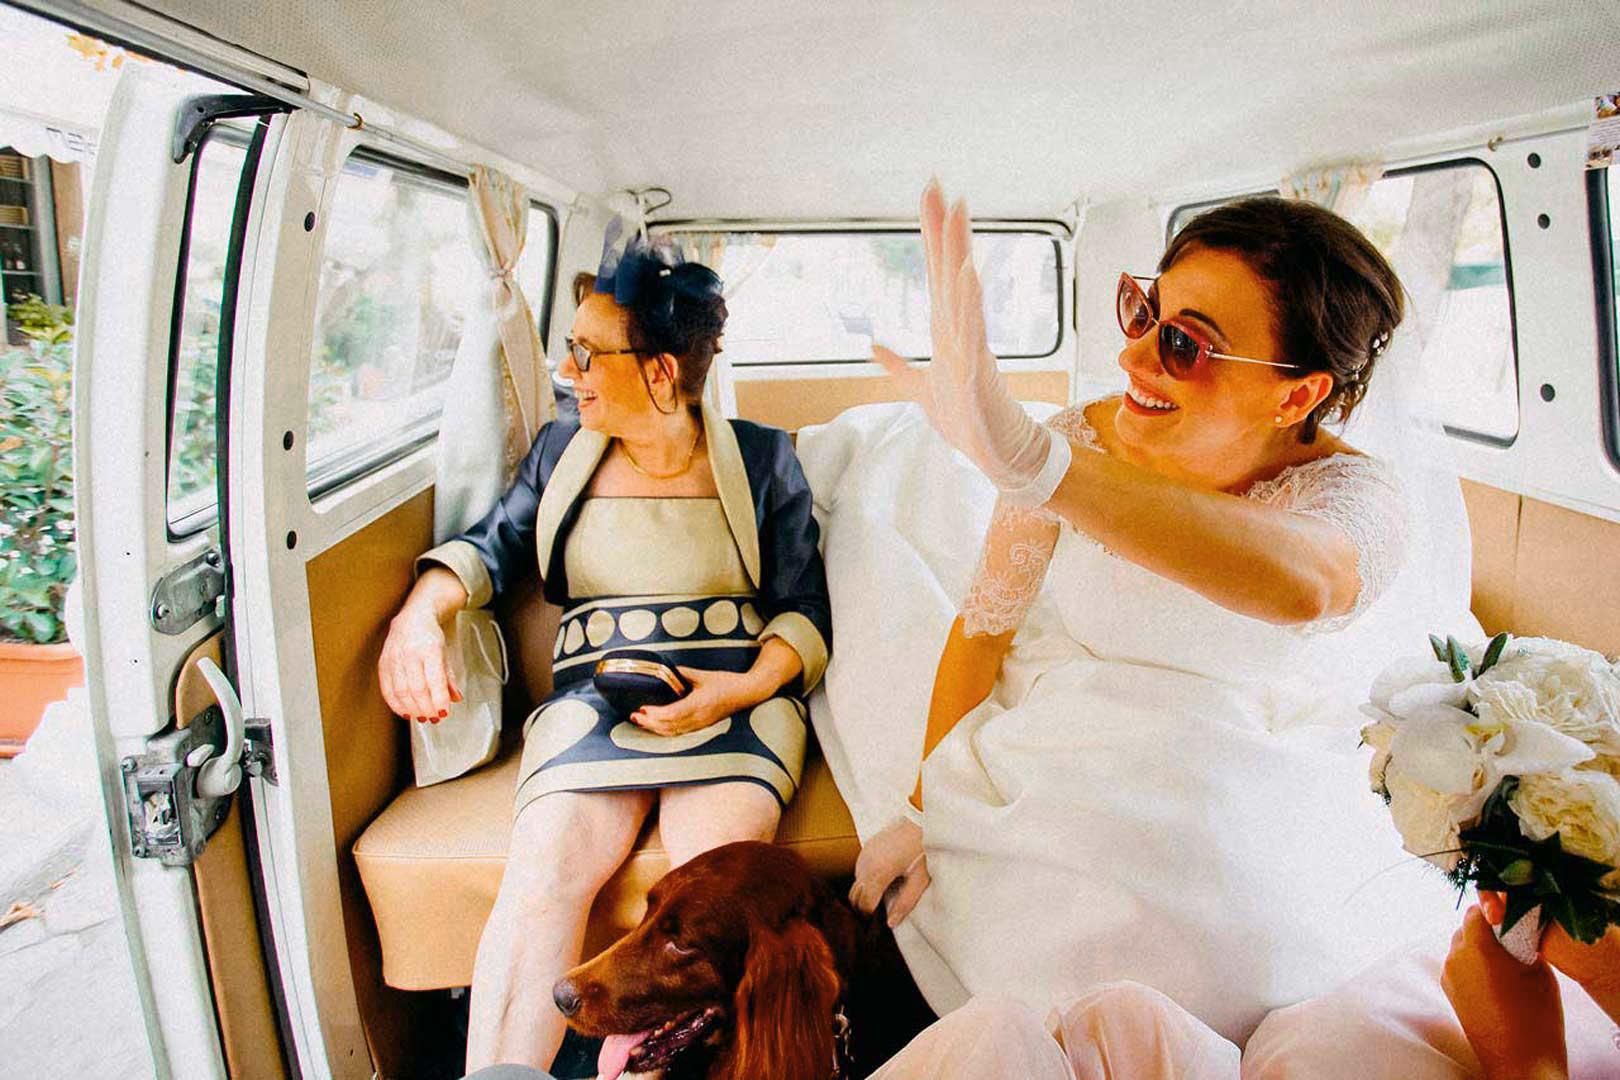 013-sposa-matrimonio-gianni-lepore-fotografo